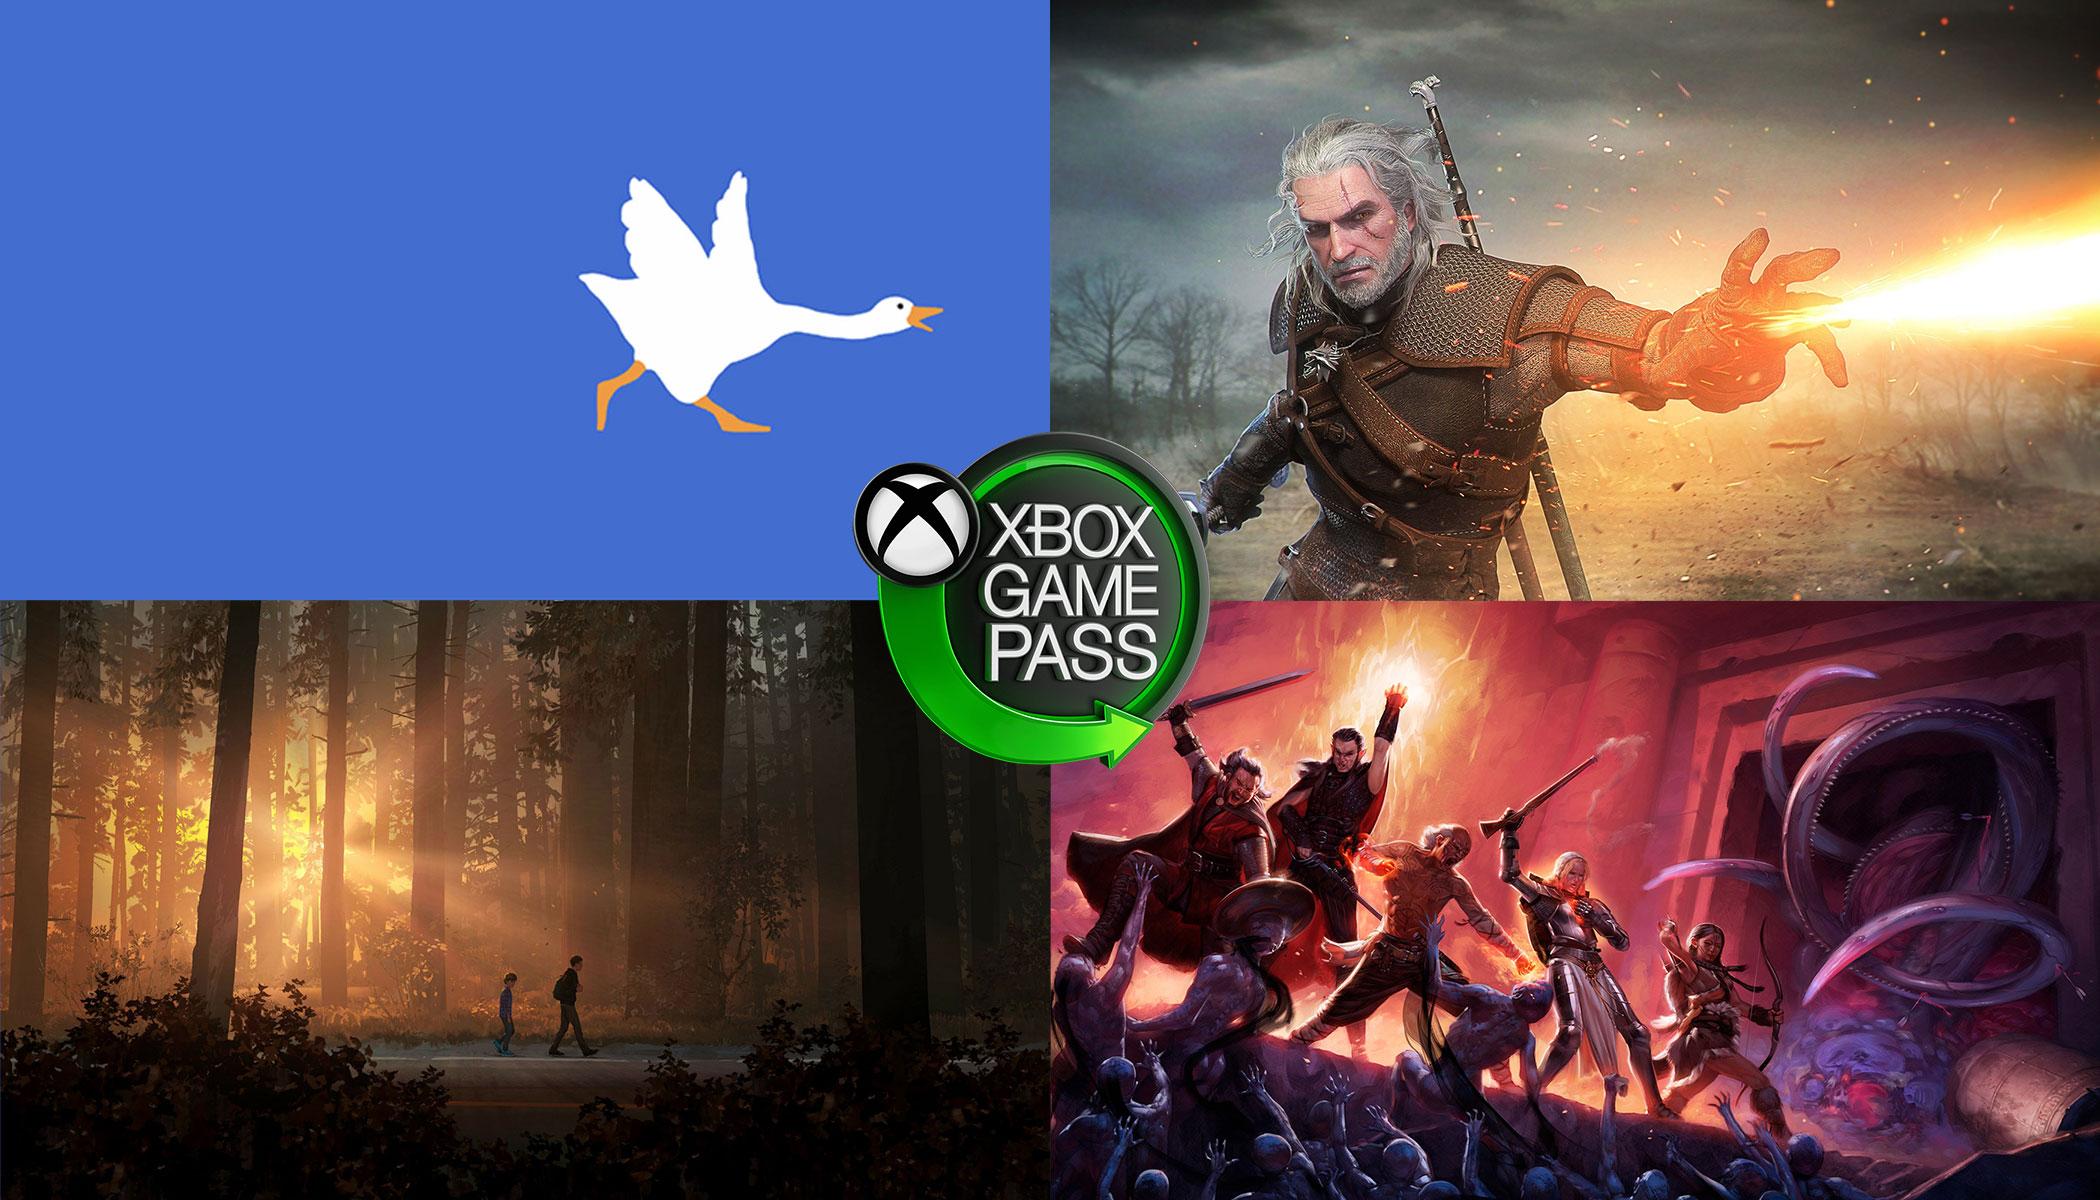 Wiedźmin wraz z gęsią nadciągają do Xbox Game Pass 23